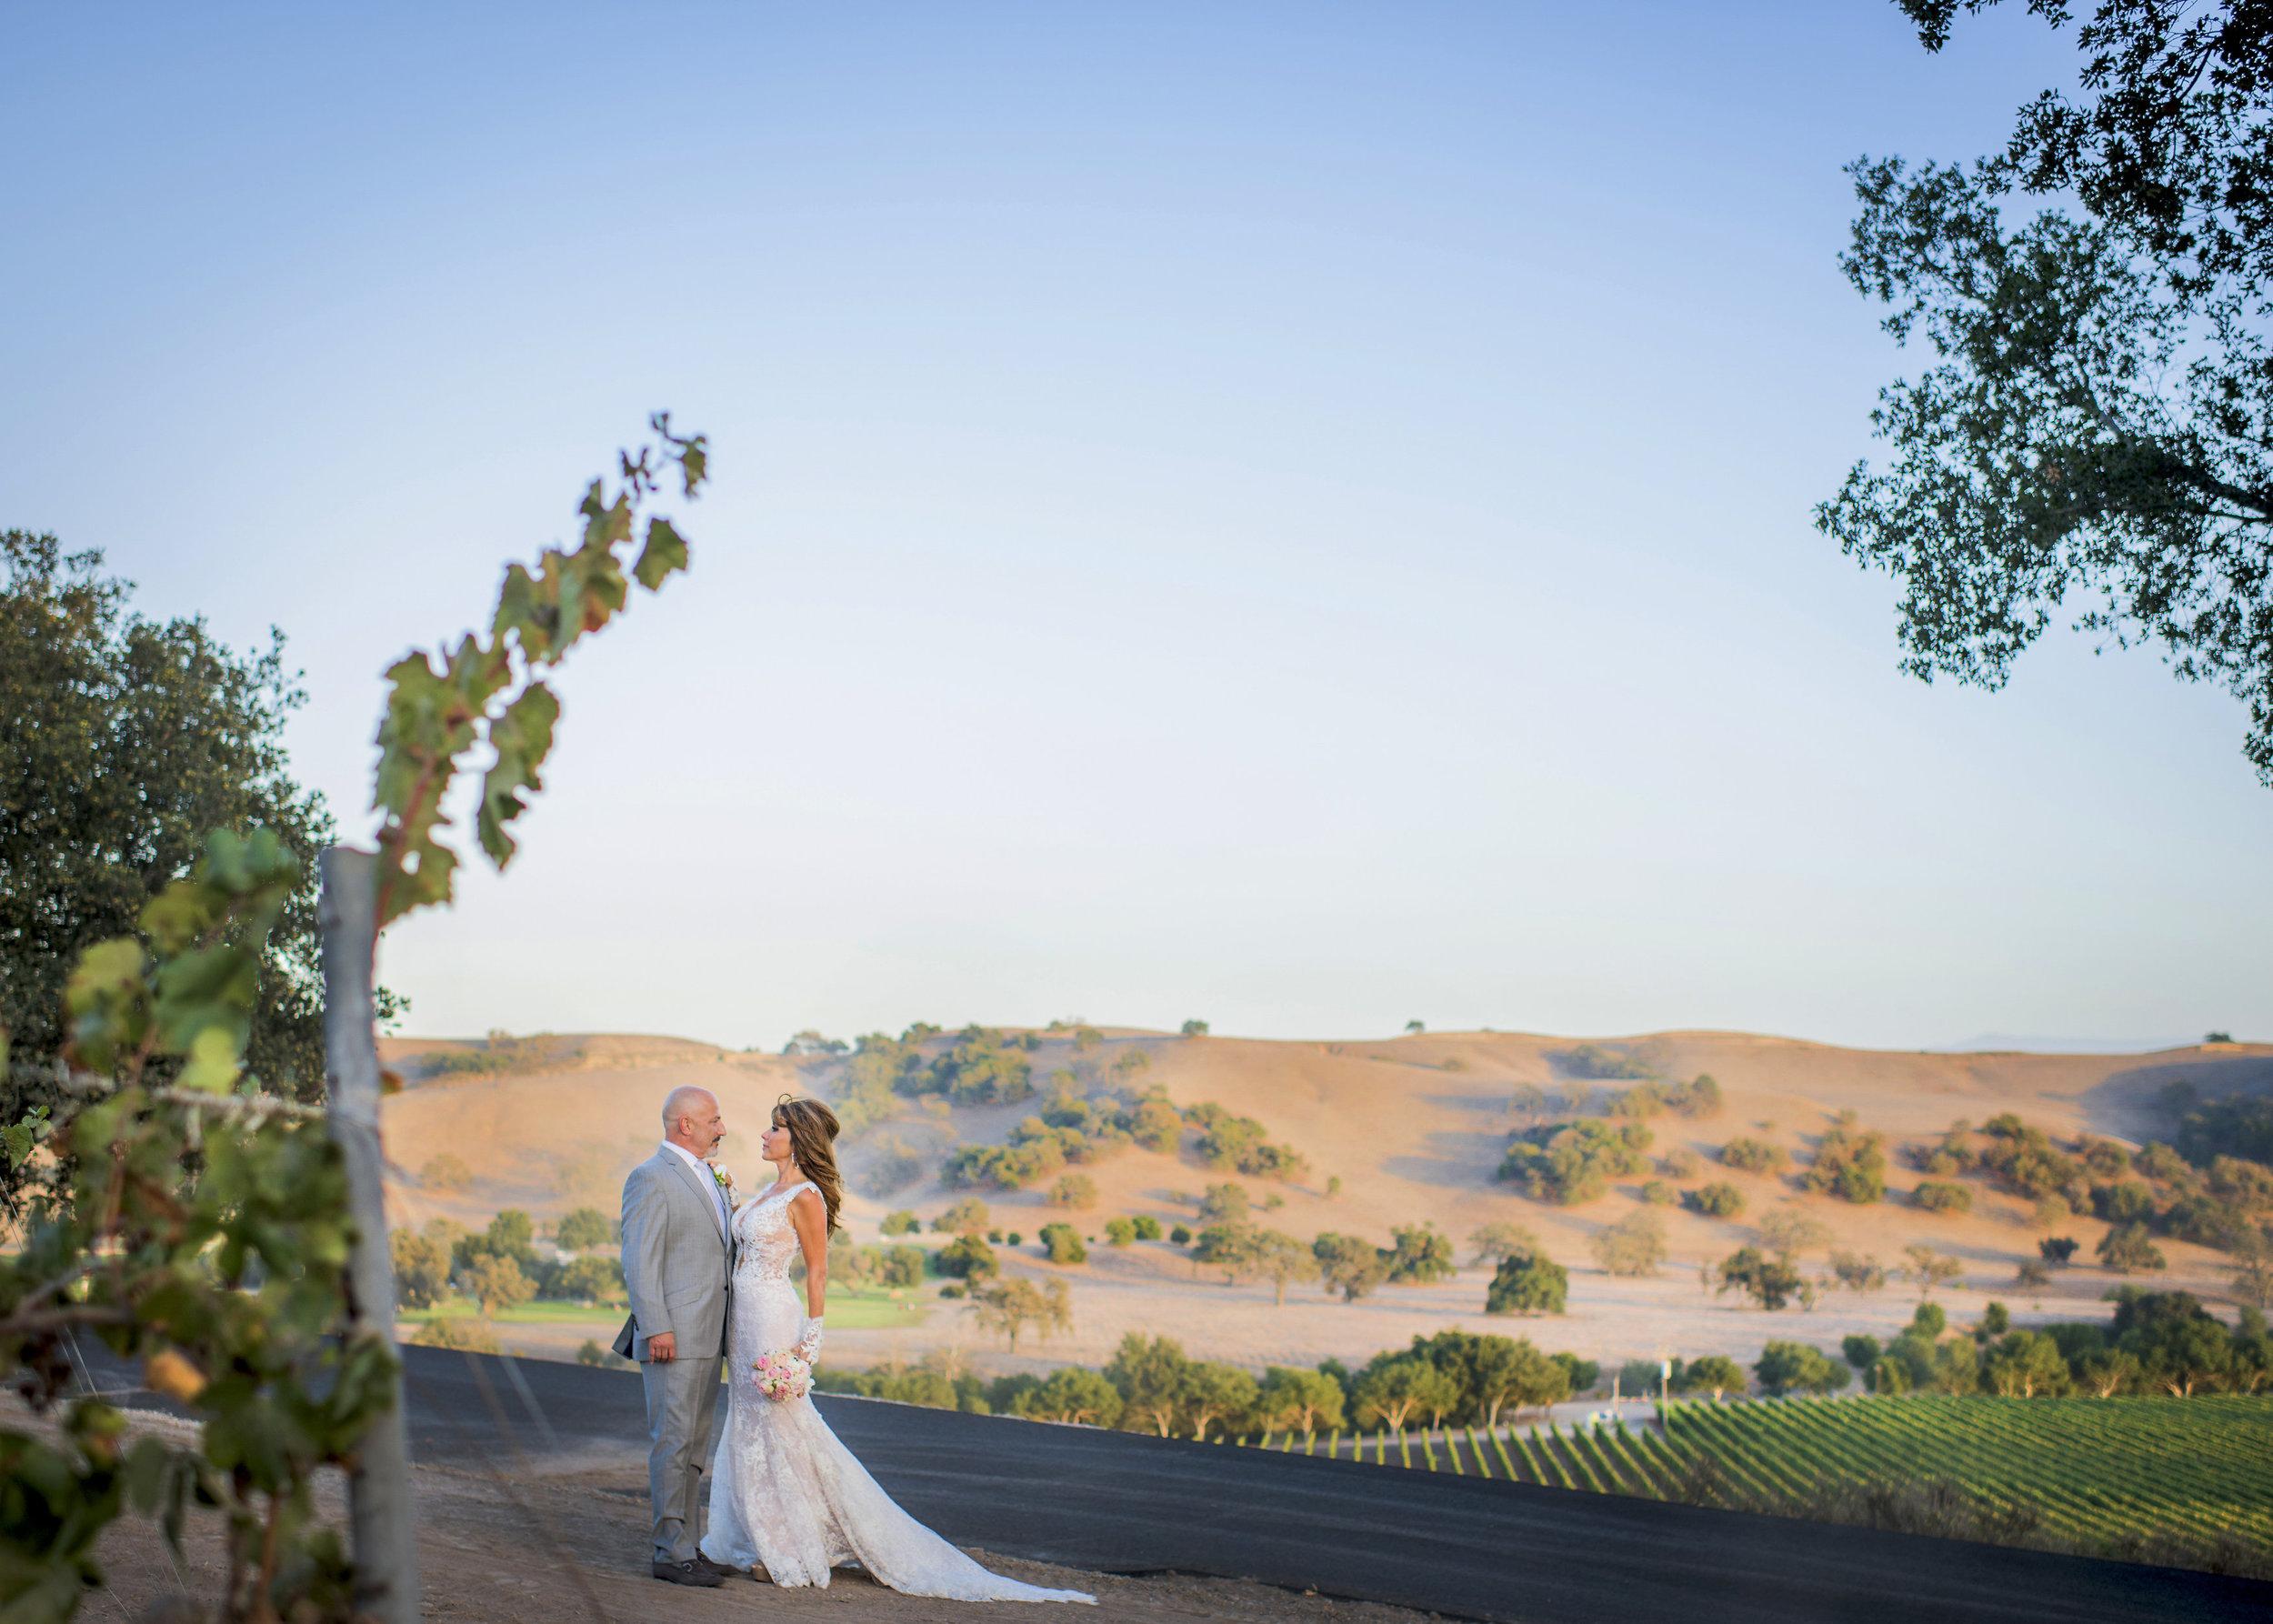 MARYANNA & JEFF - WILLA KVETA PHOTOGRAPHY